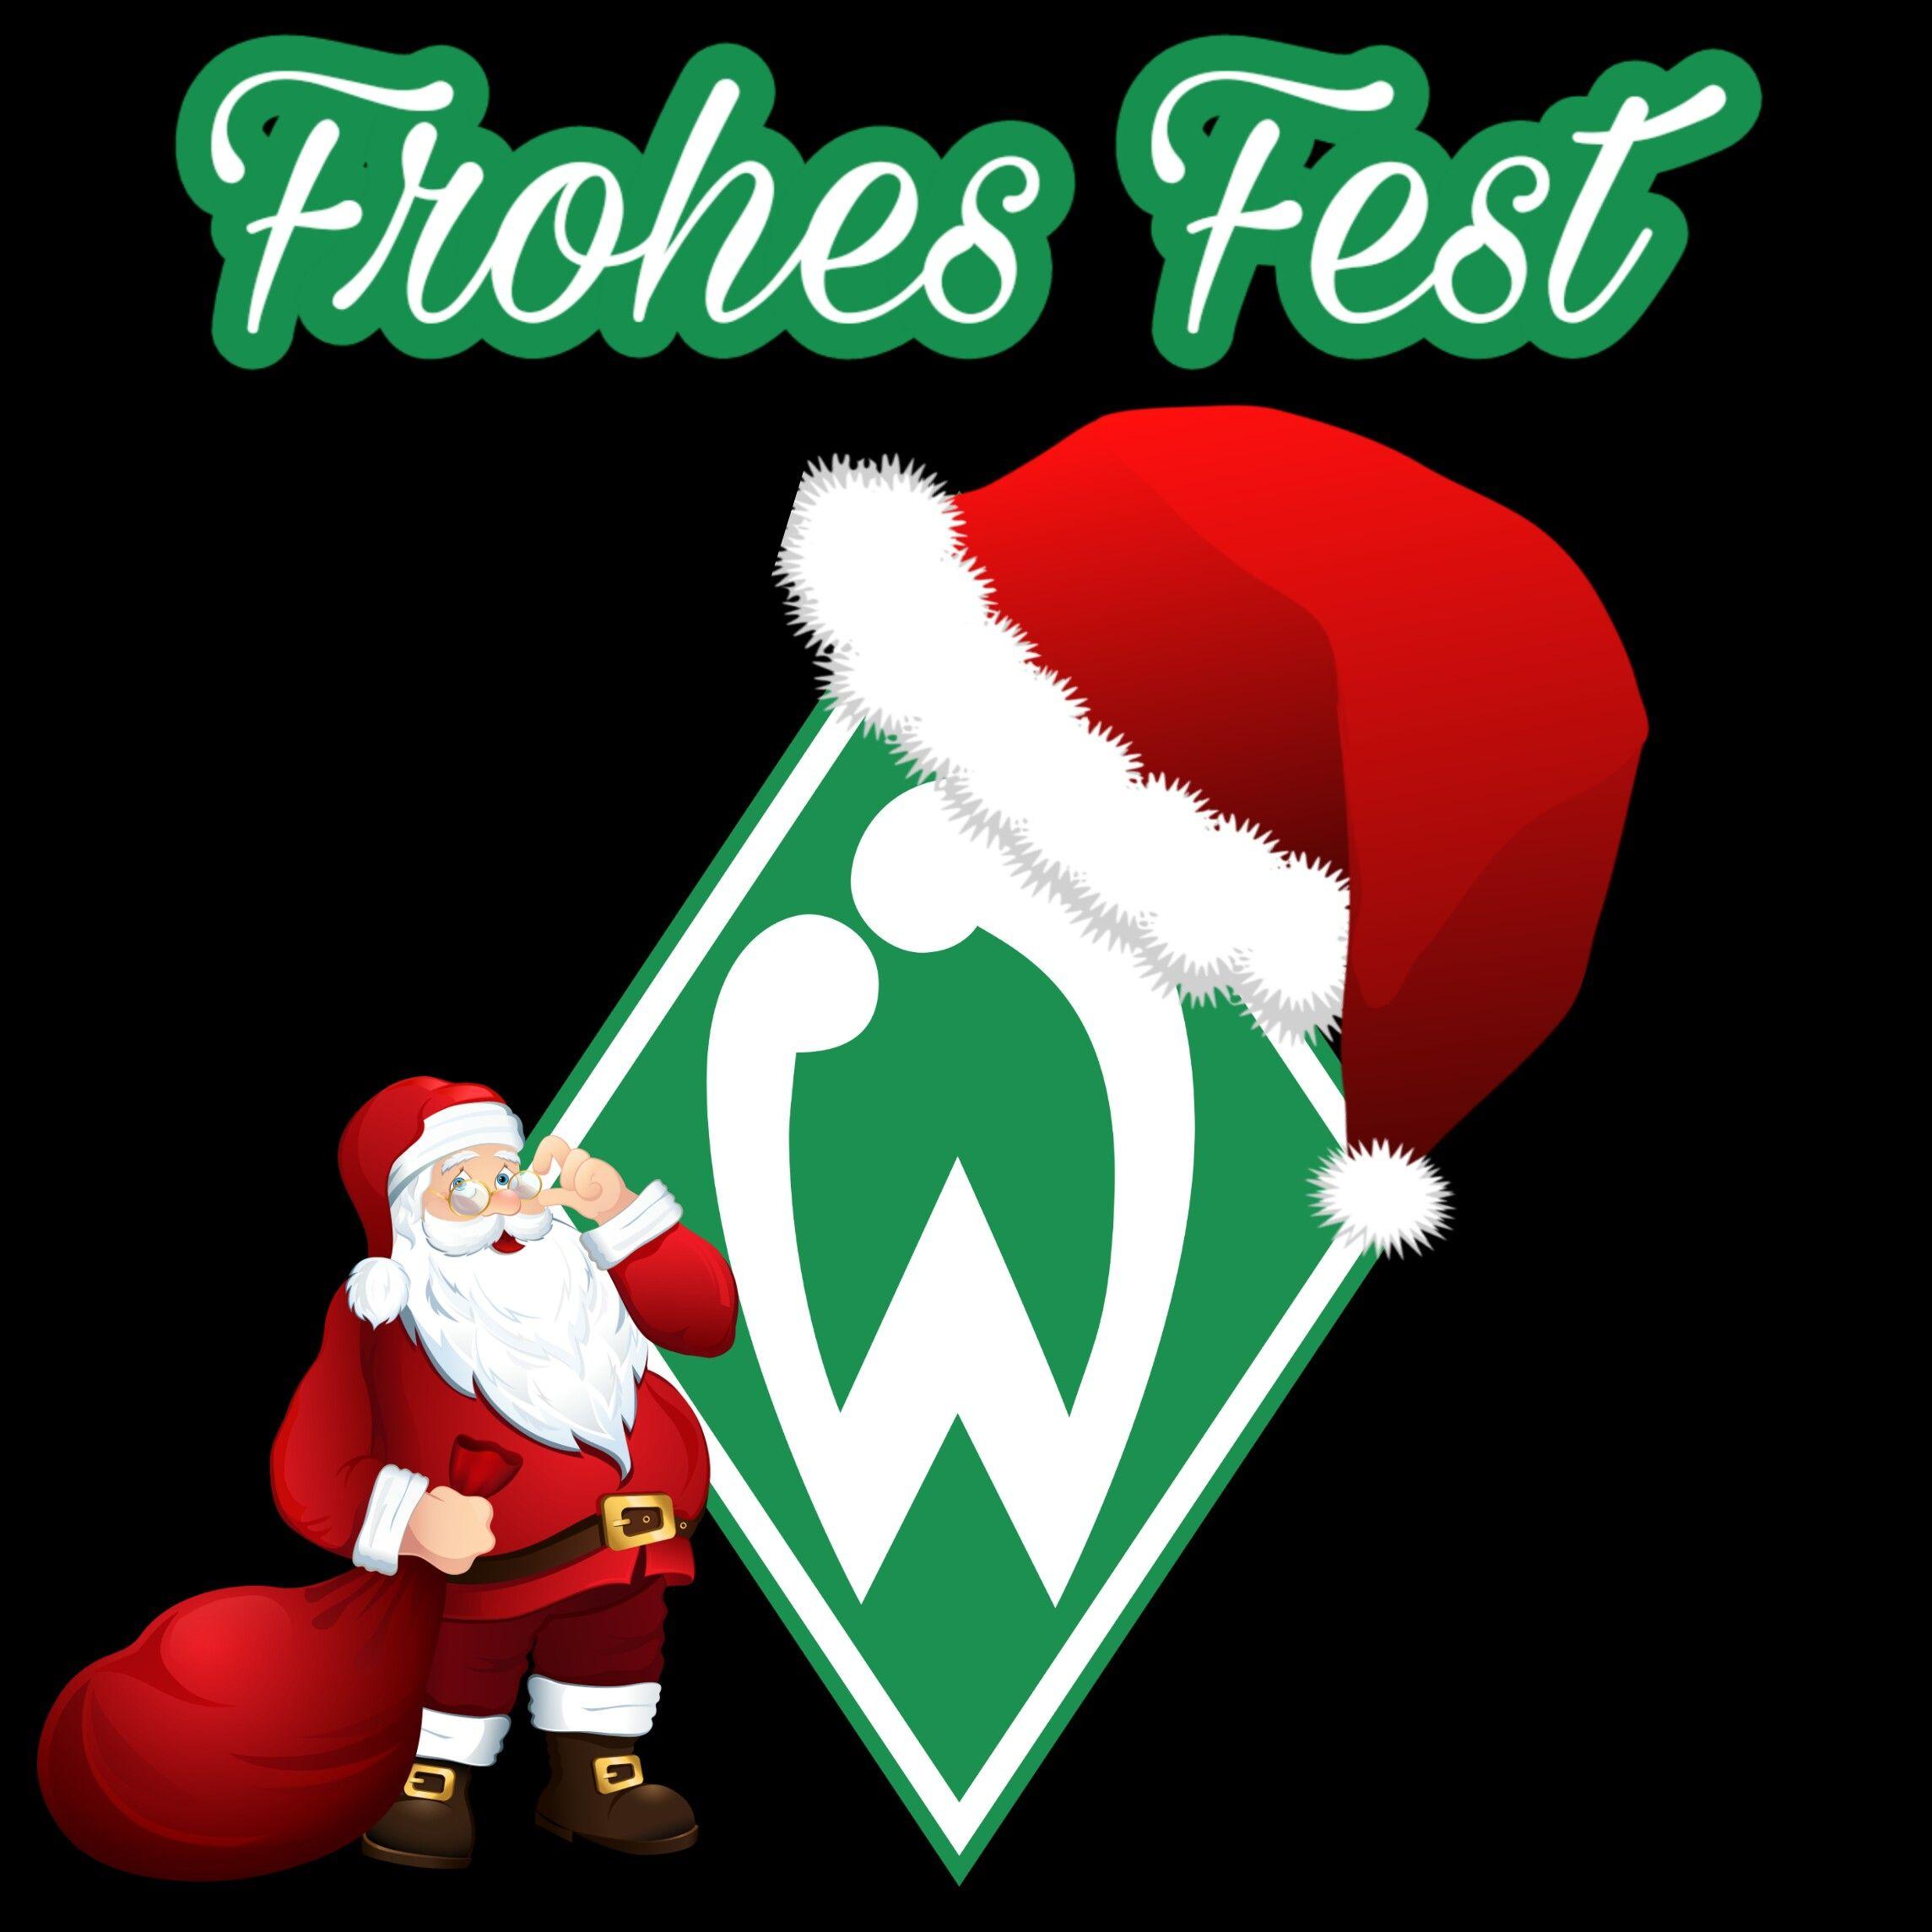 Frohe Weihnachten Werder Bremen.Pin Von Arthaes Consencianii Auf Bundesliga Werder Bremen